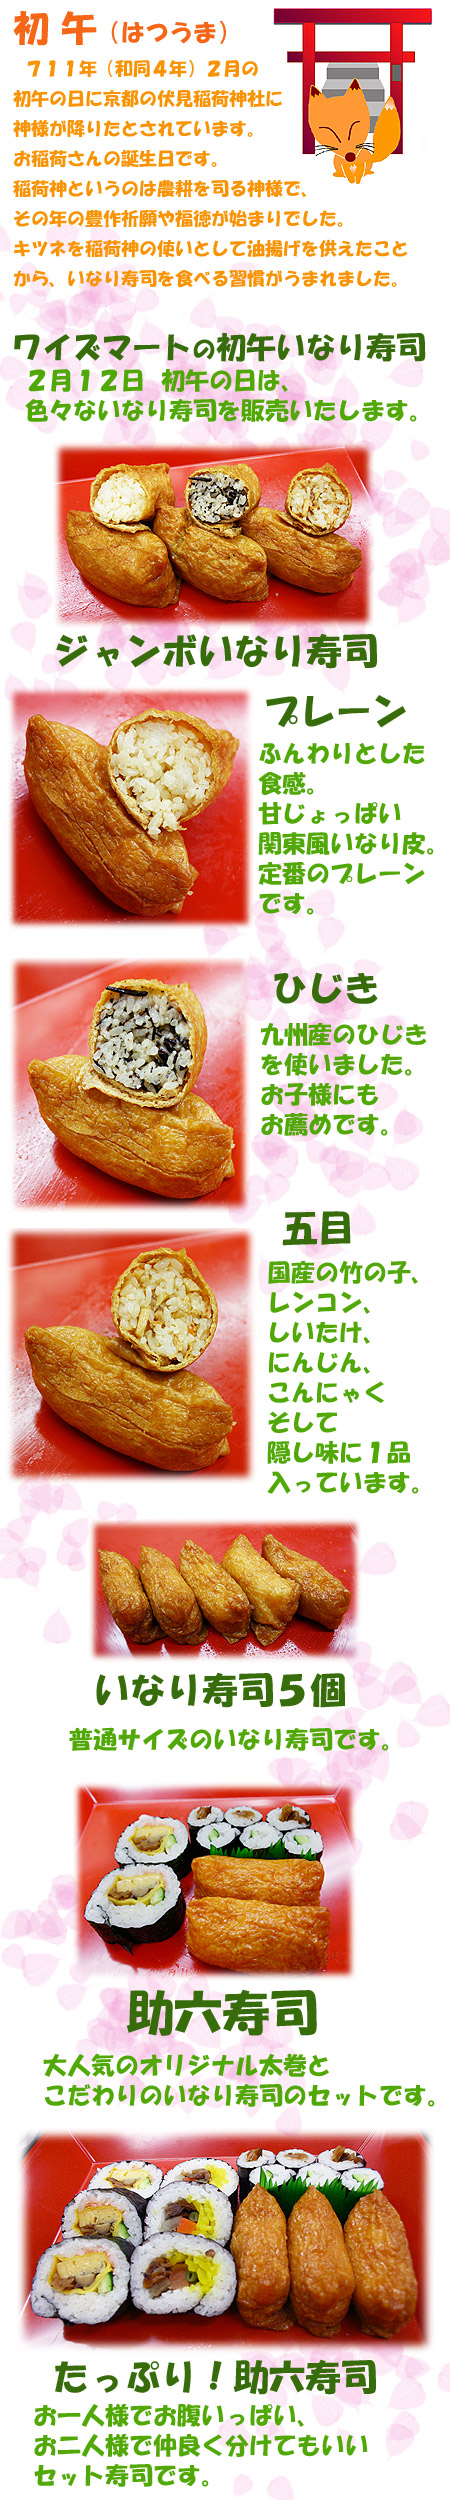 初午稲荷寿司.jpg